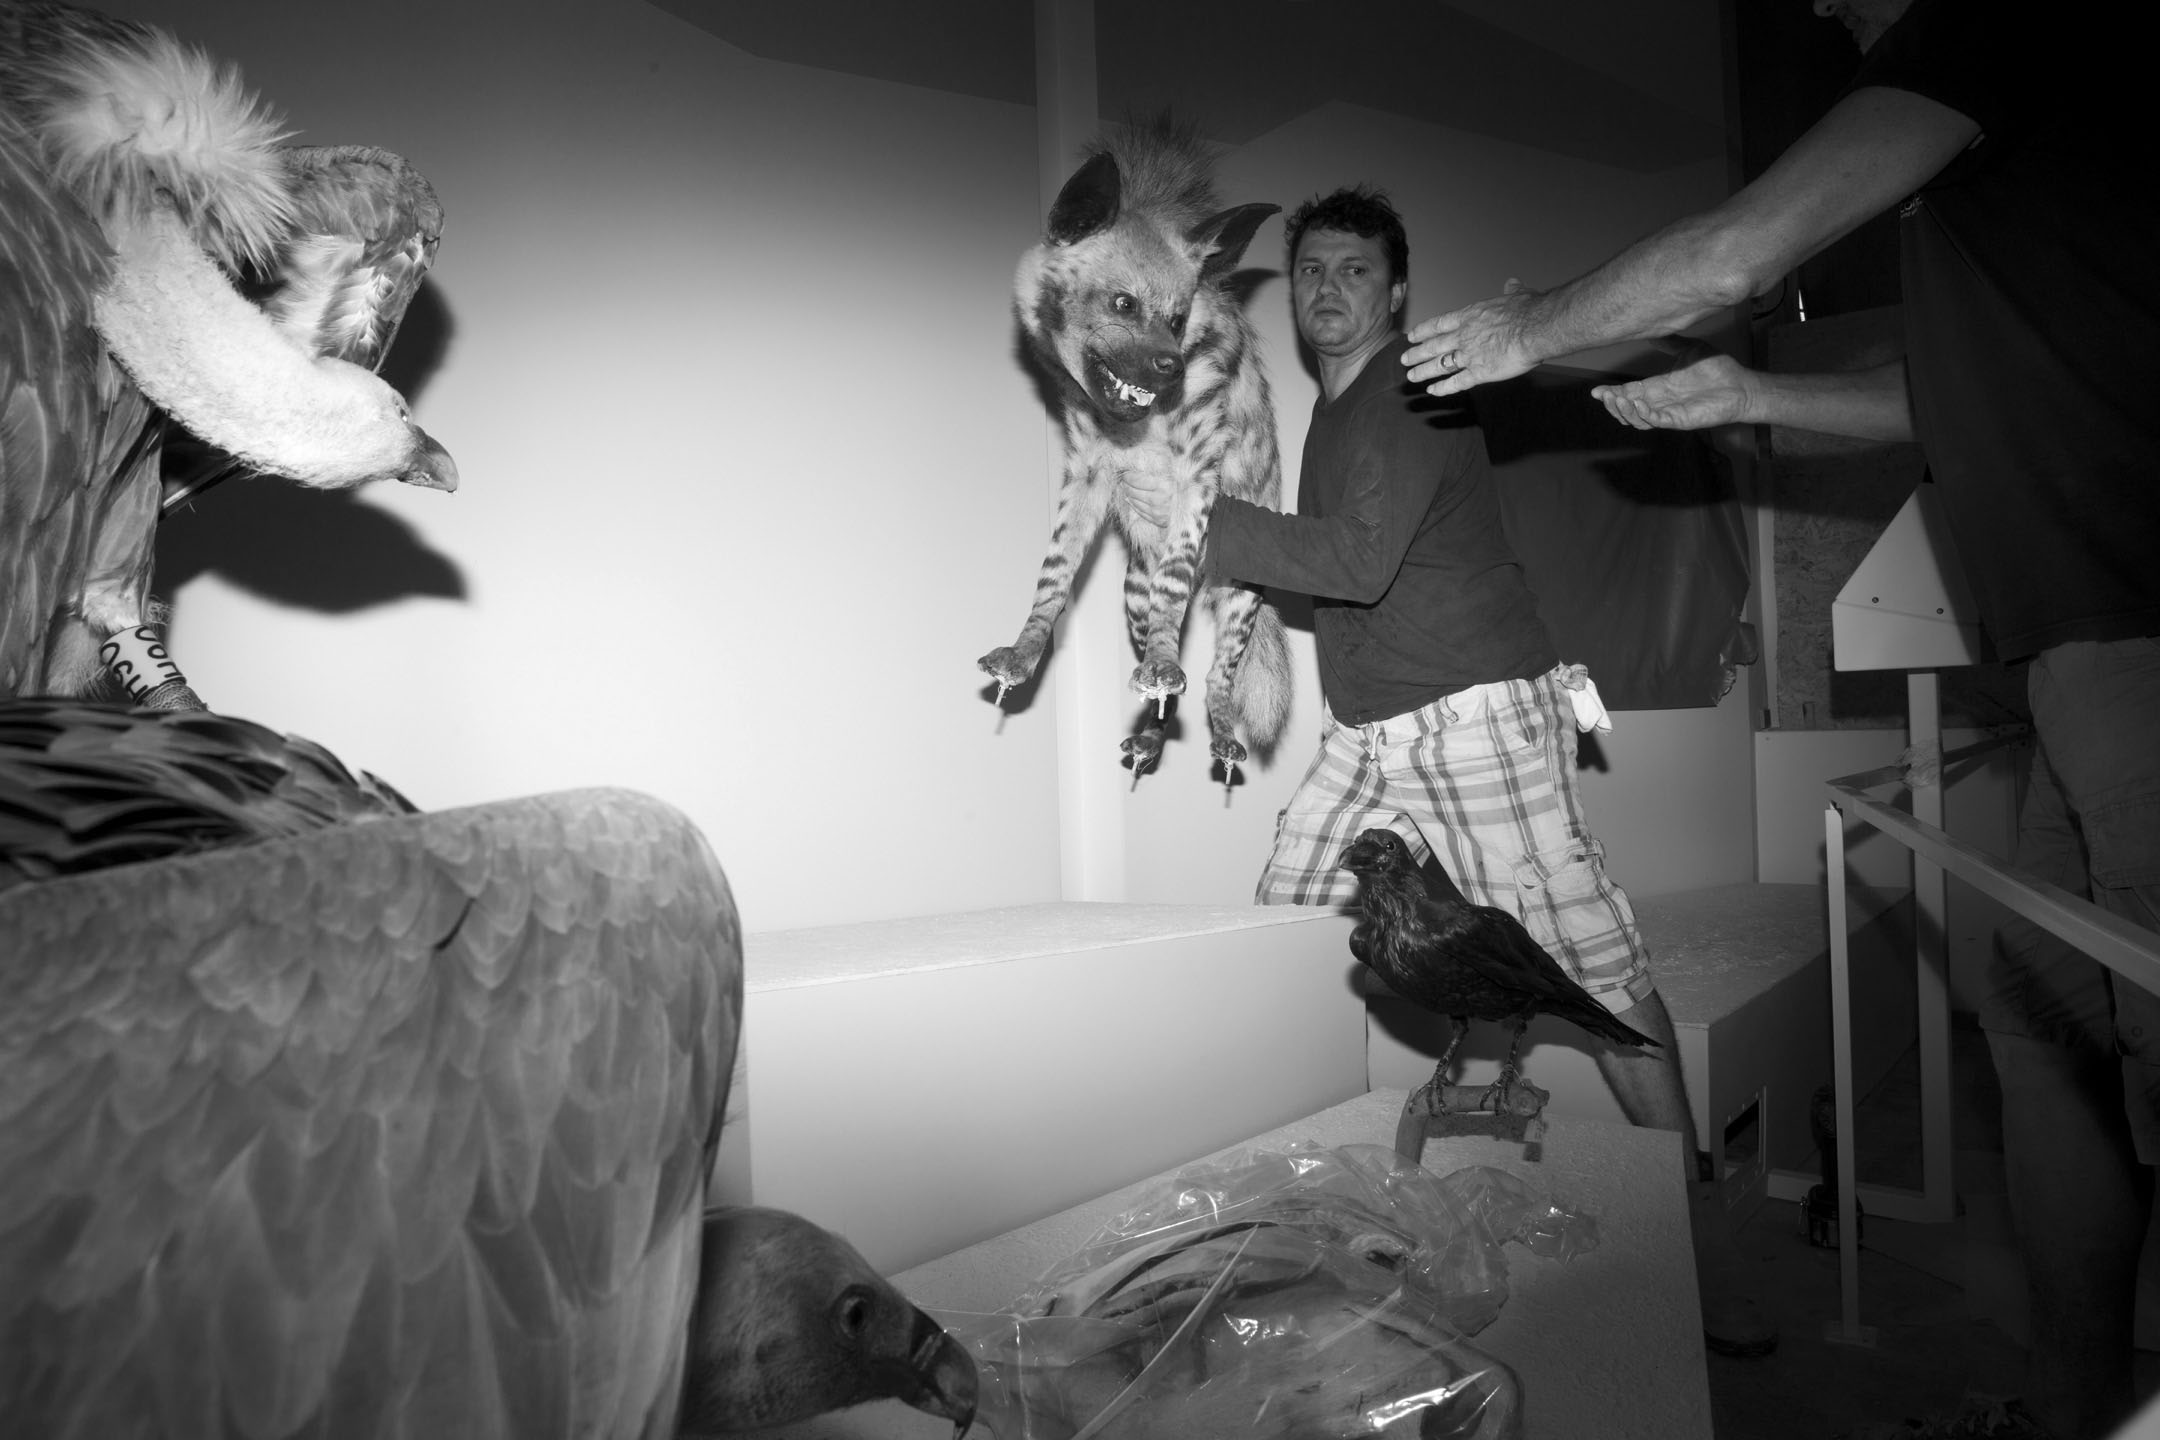 標本製作人Igor Gavrilov正在搬遷一隻鬣狗標本的展覽位置。 攝:Oded Balilty/AP